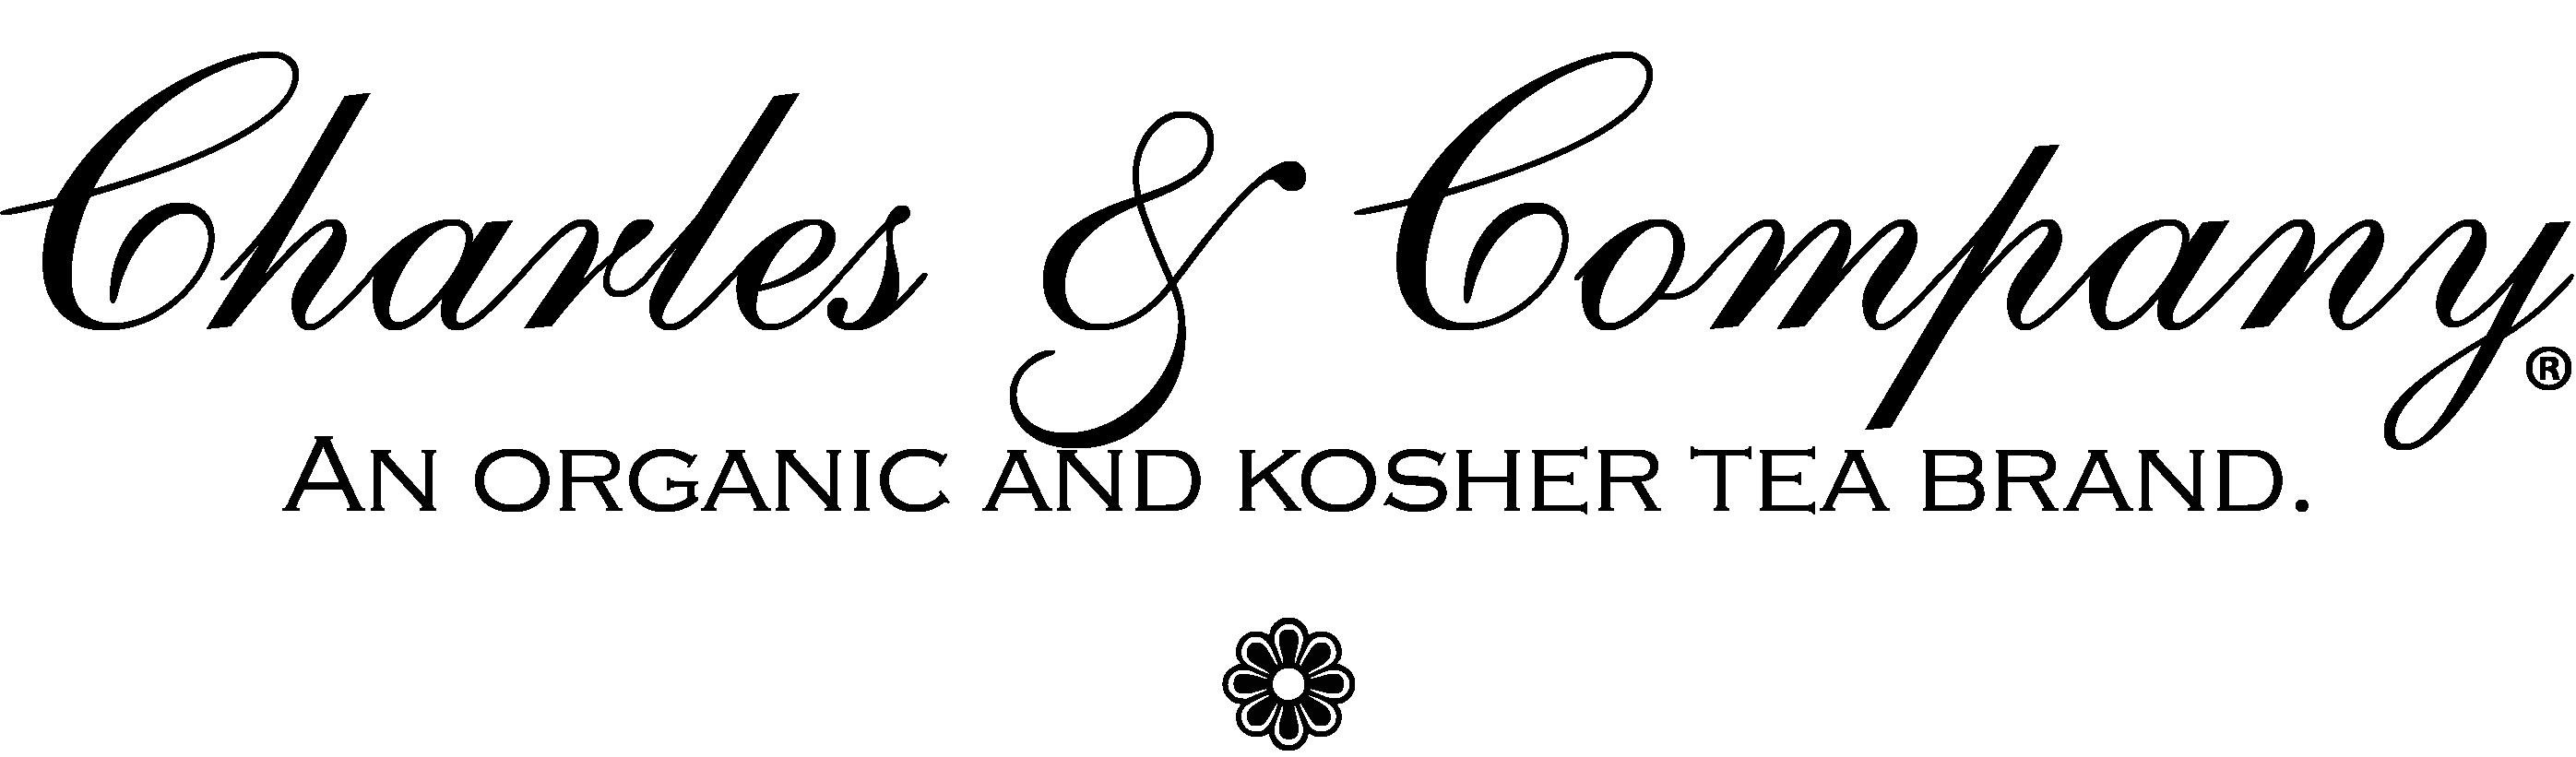 LCharles - Logo Vector BLK 1 (002)